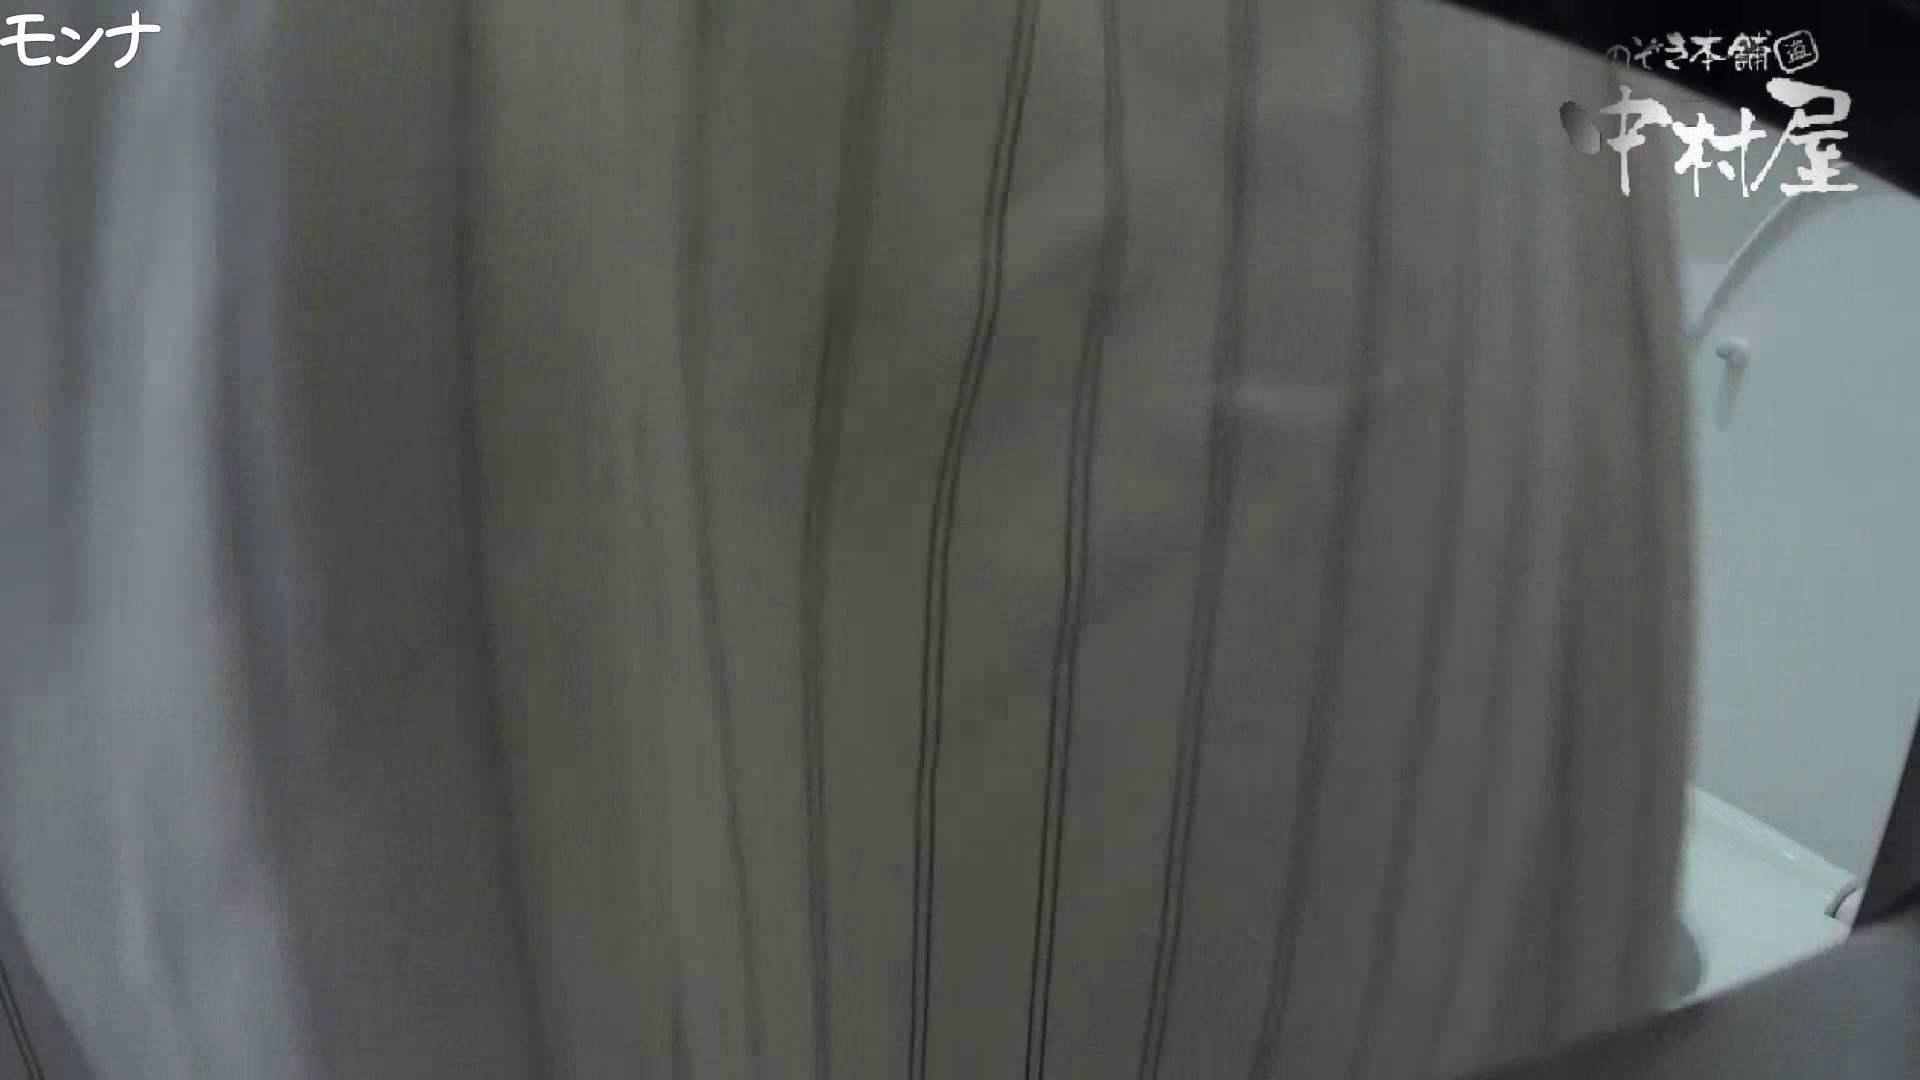 有名大学女性洗面所 vol.65 秘技!!マルチアングル天井撮り!! 和式 | 洗面所  91pic 73